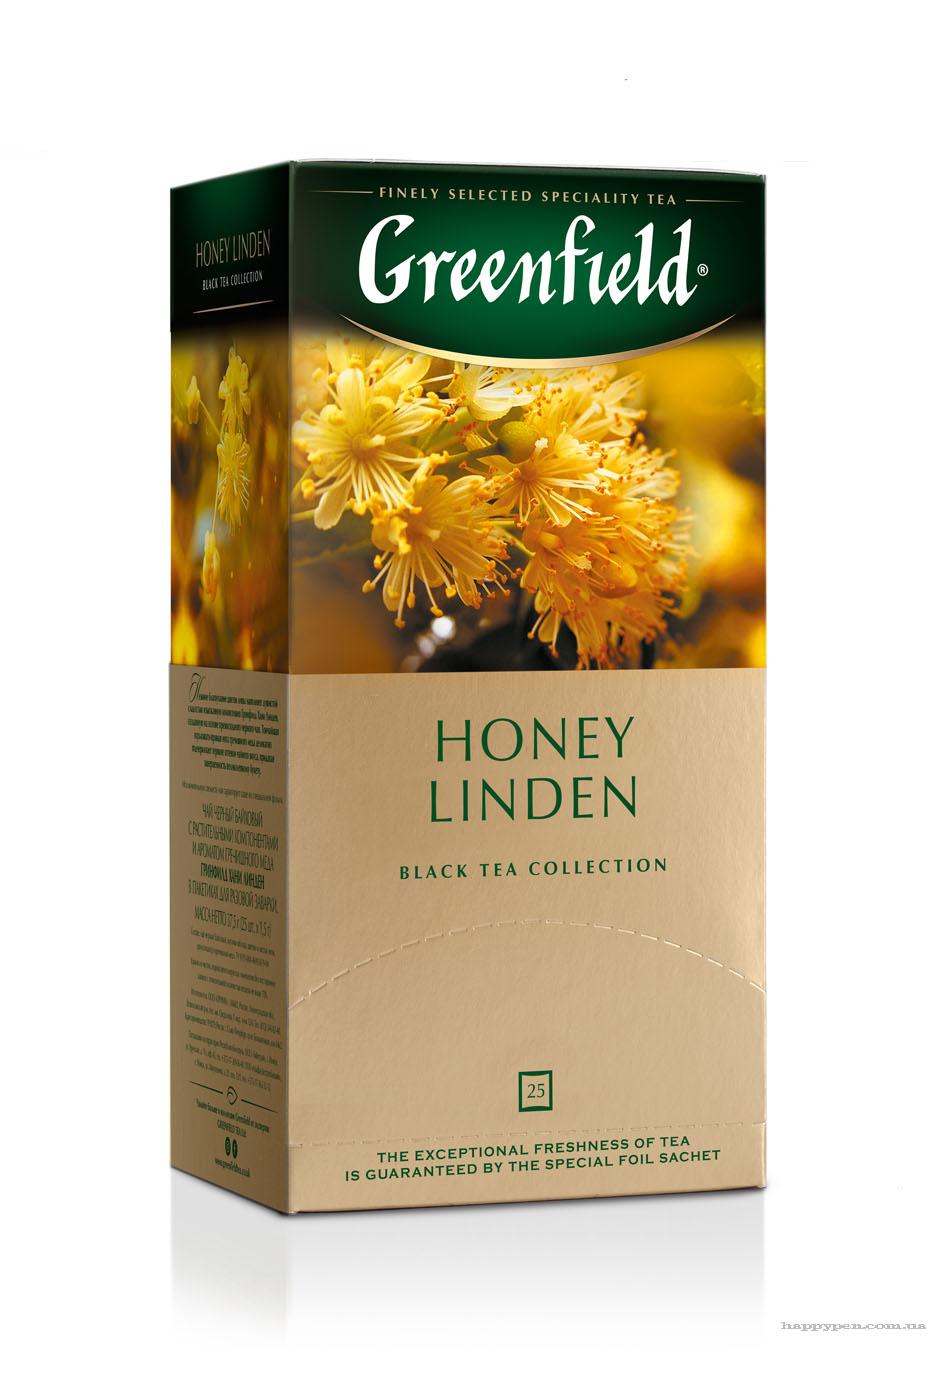 Чай черный ароматизированный Honey Linden 25пак. по 1,5гр., термосаше Greenfield - фото 1